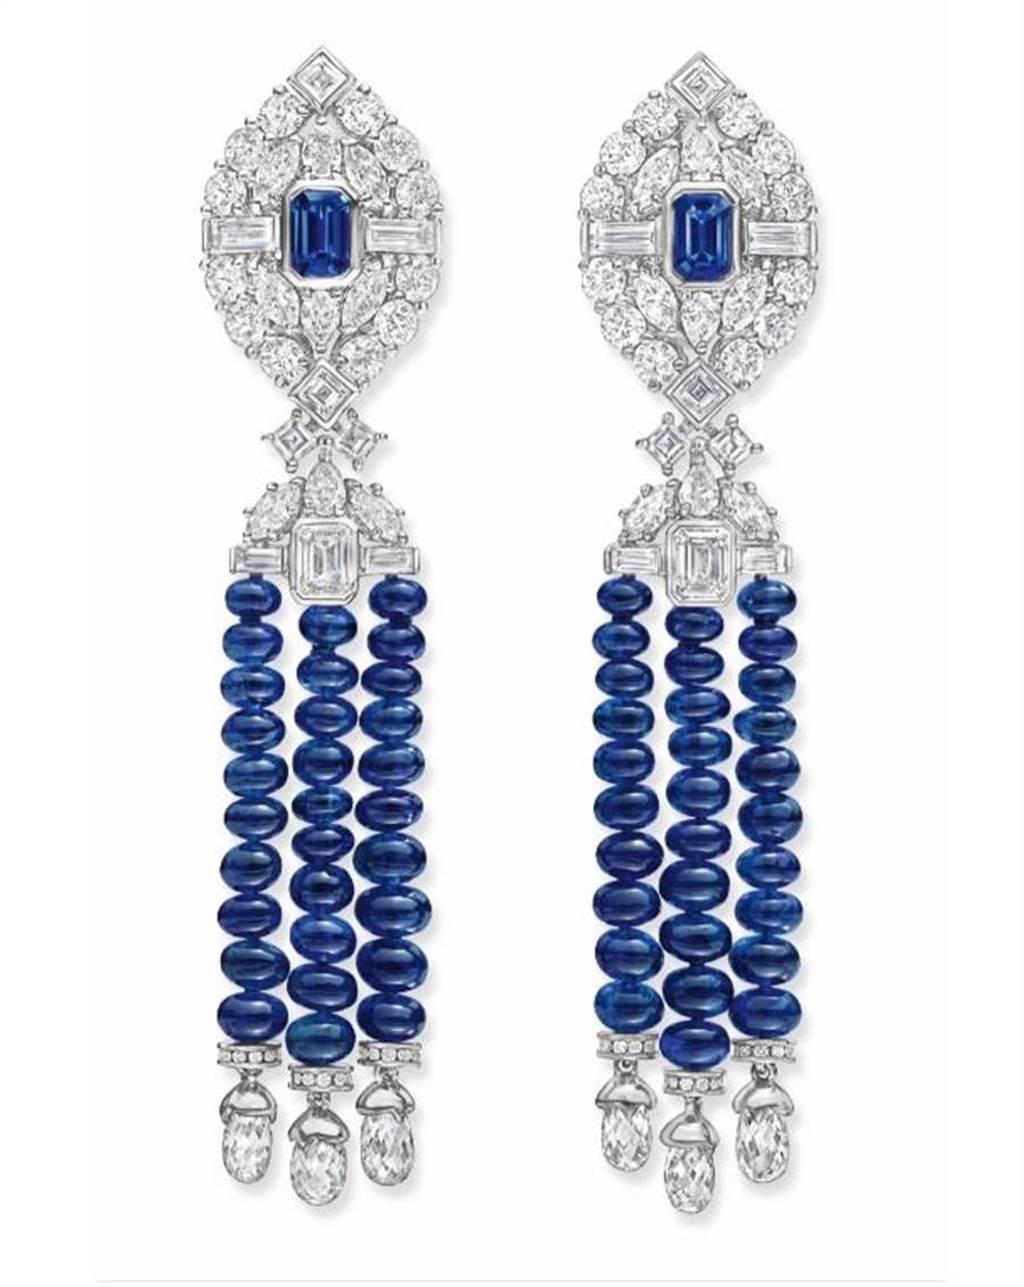 麗晶精品獨家,海瑞溫斯頓New York Fifth Avenue系列藍寶石鑽石耳環,價格店洽。(麗晶精品提供)